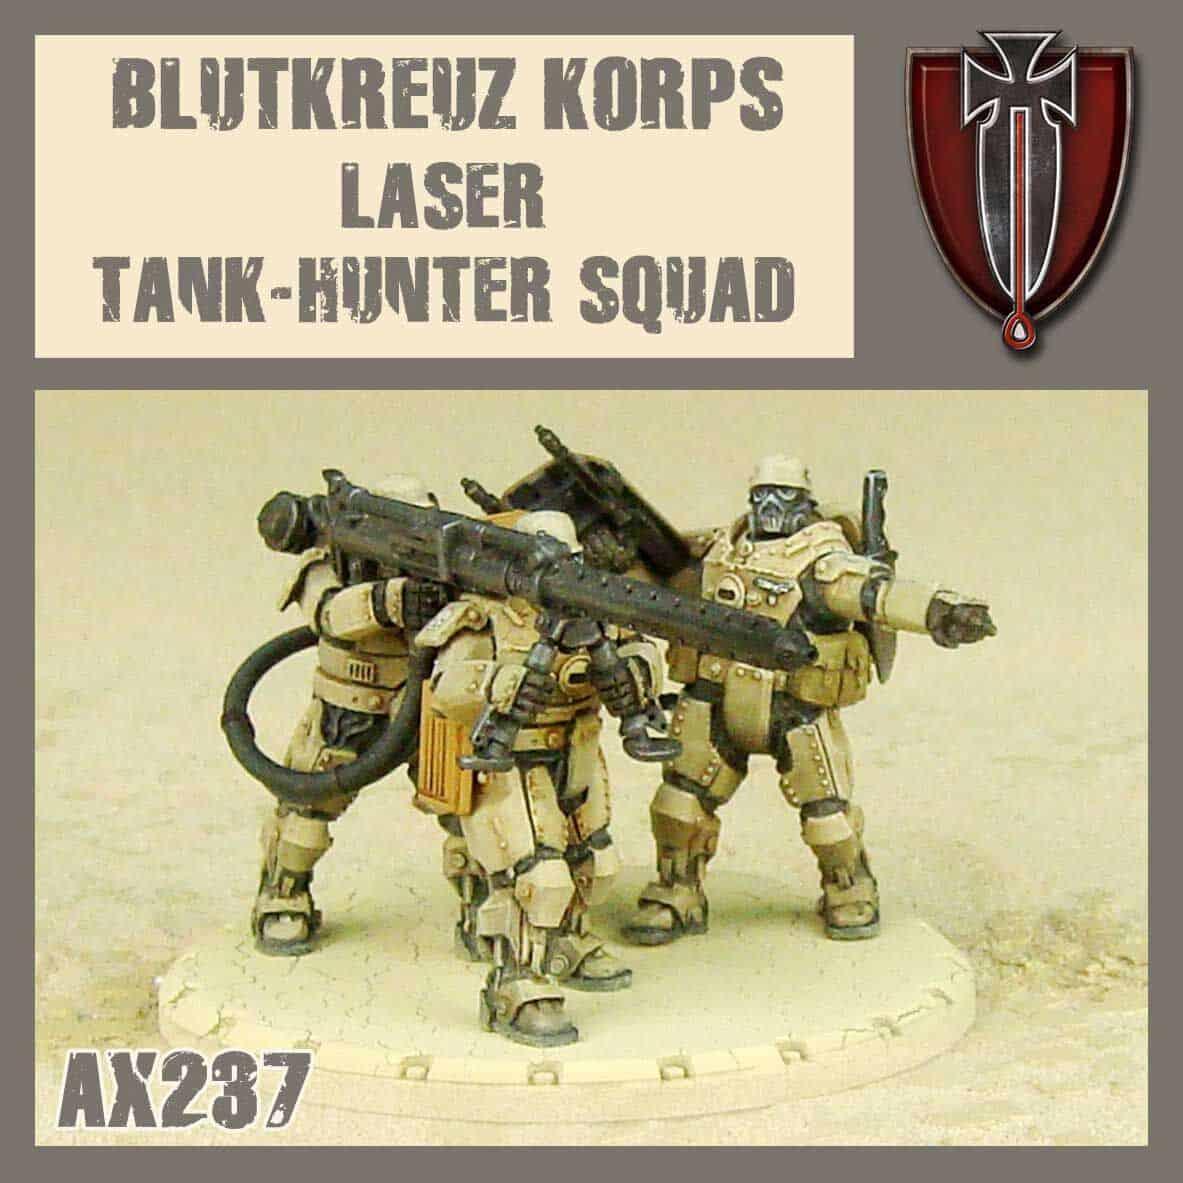 Blutkreuz Krops Laser Tank-Hunter Squad